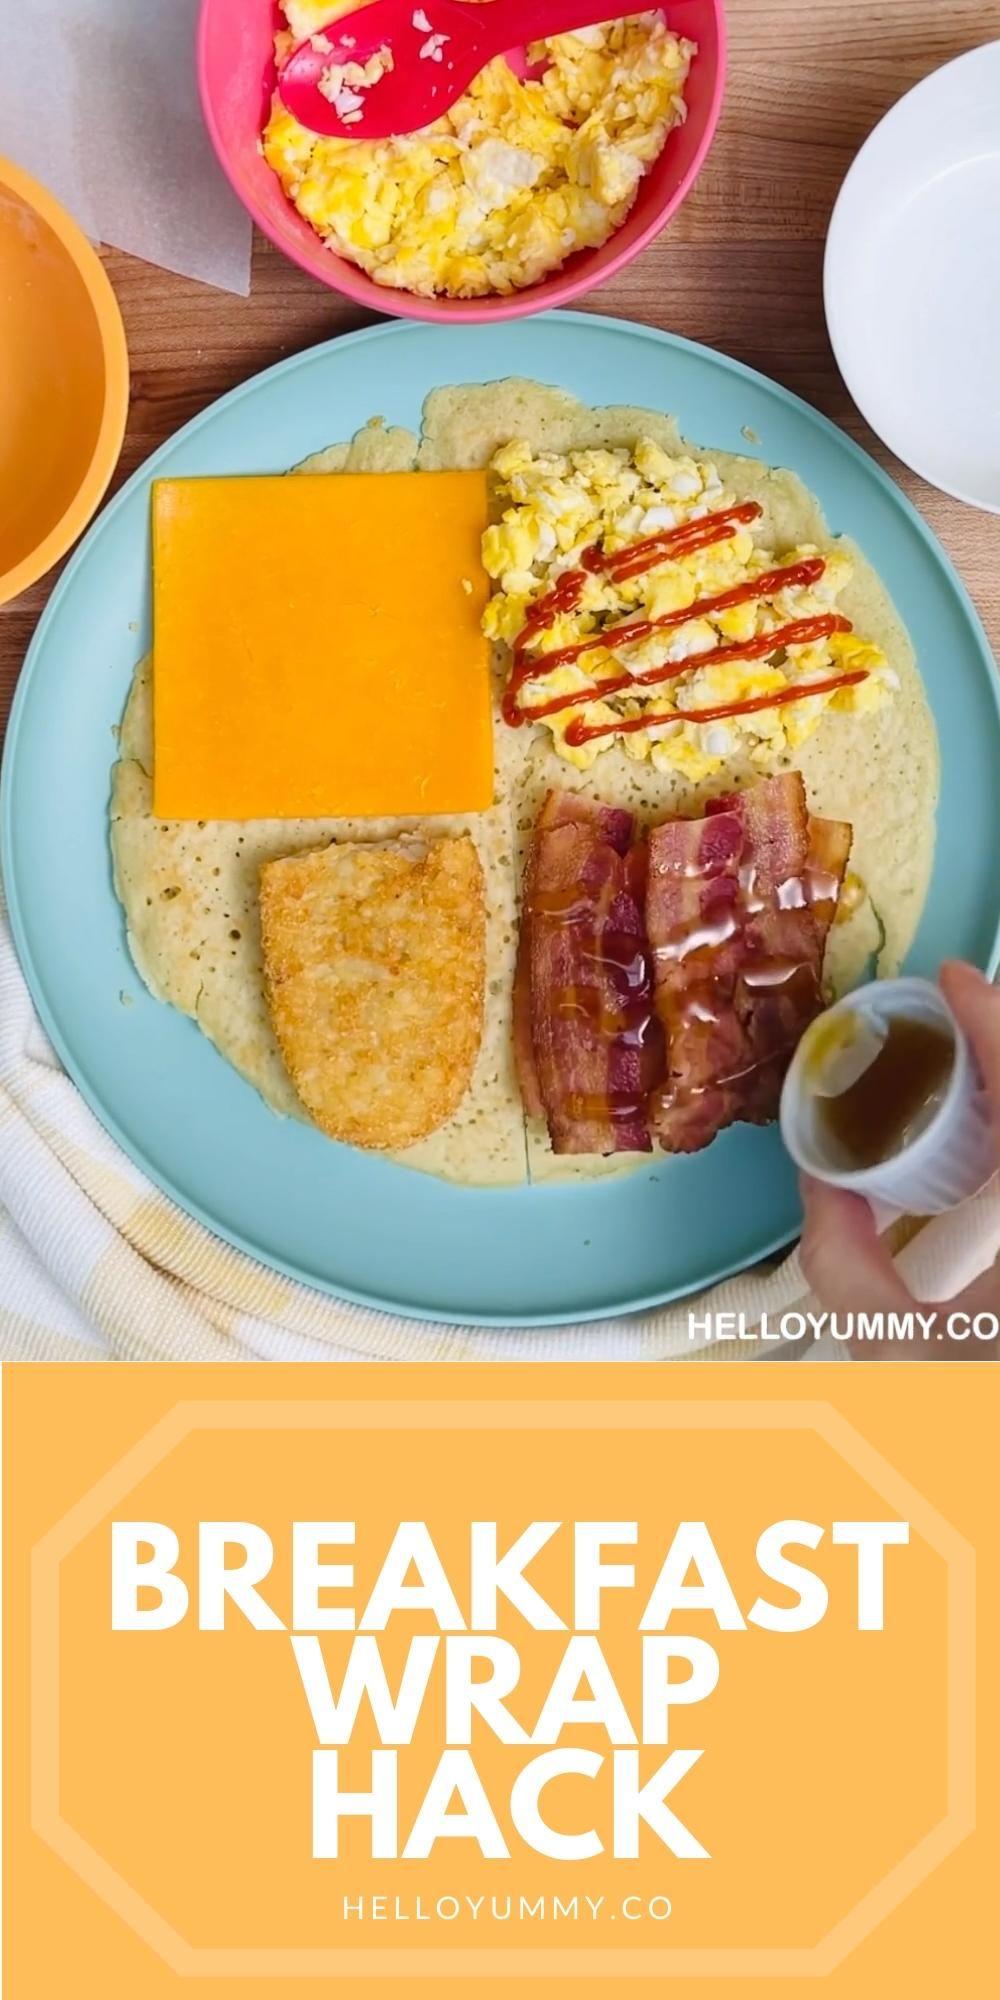 Tiktok Breakfast Wrap Hack Best Wrap Recipe Made With Pancakes Video Recipe Video In 2021 Breakfast Wraps Recipes Best Breakfast Sandwich